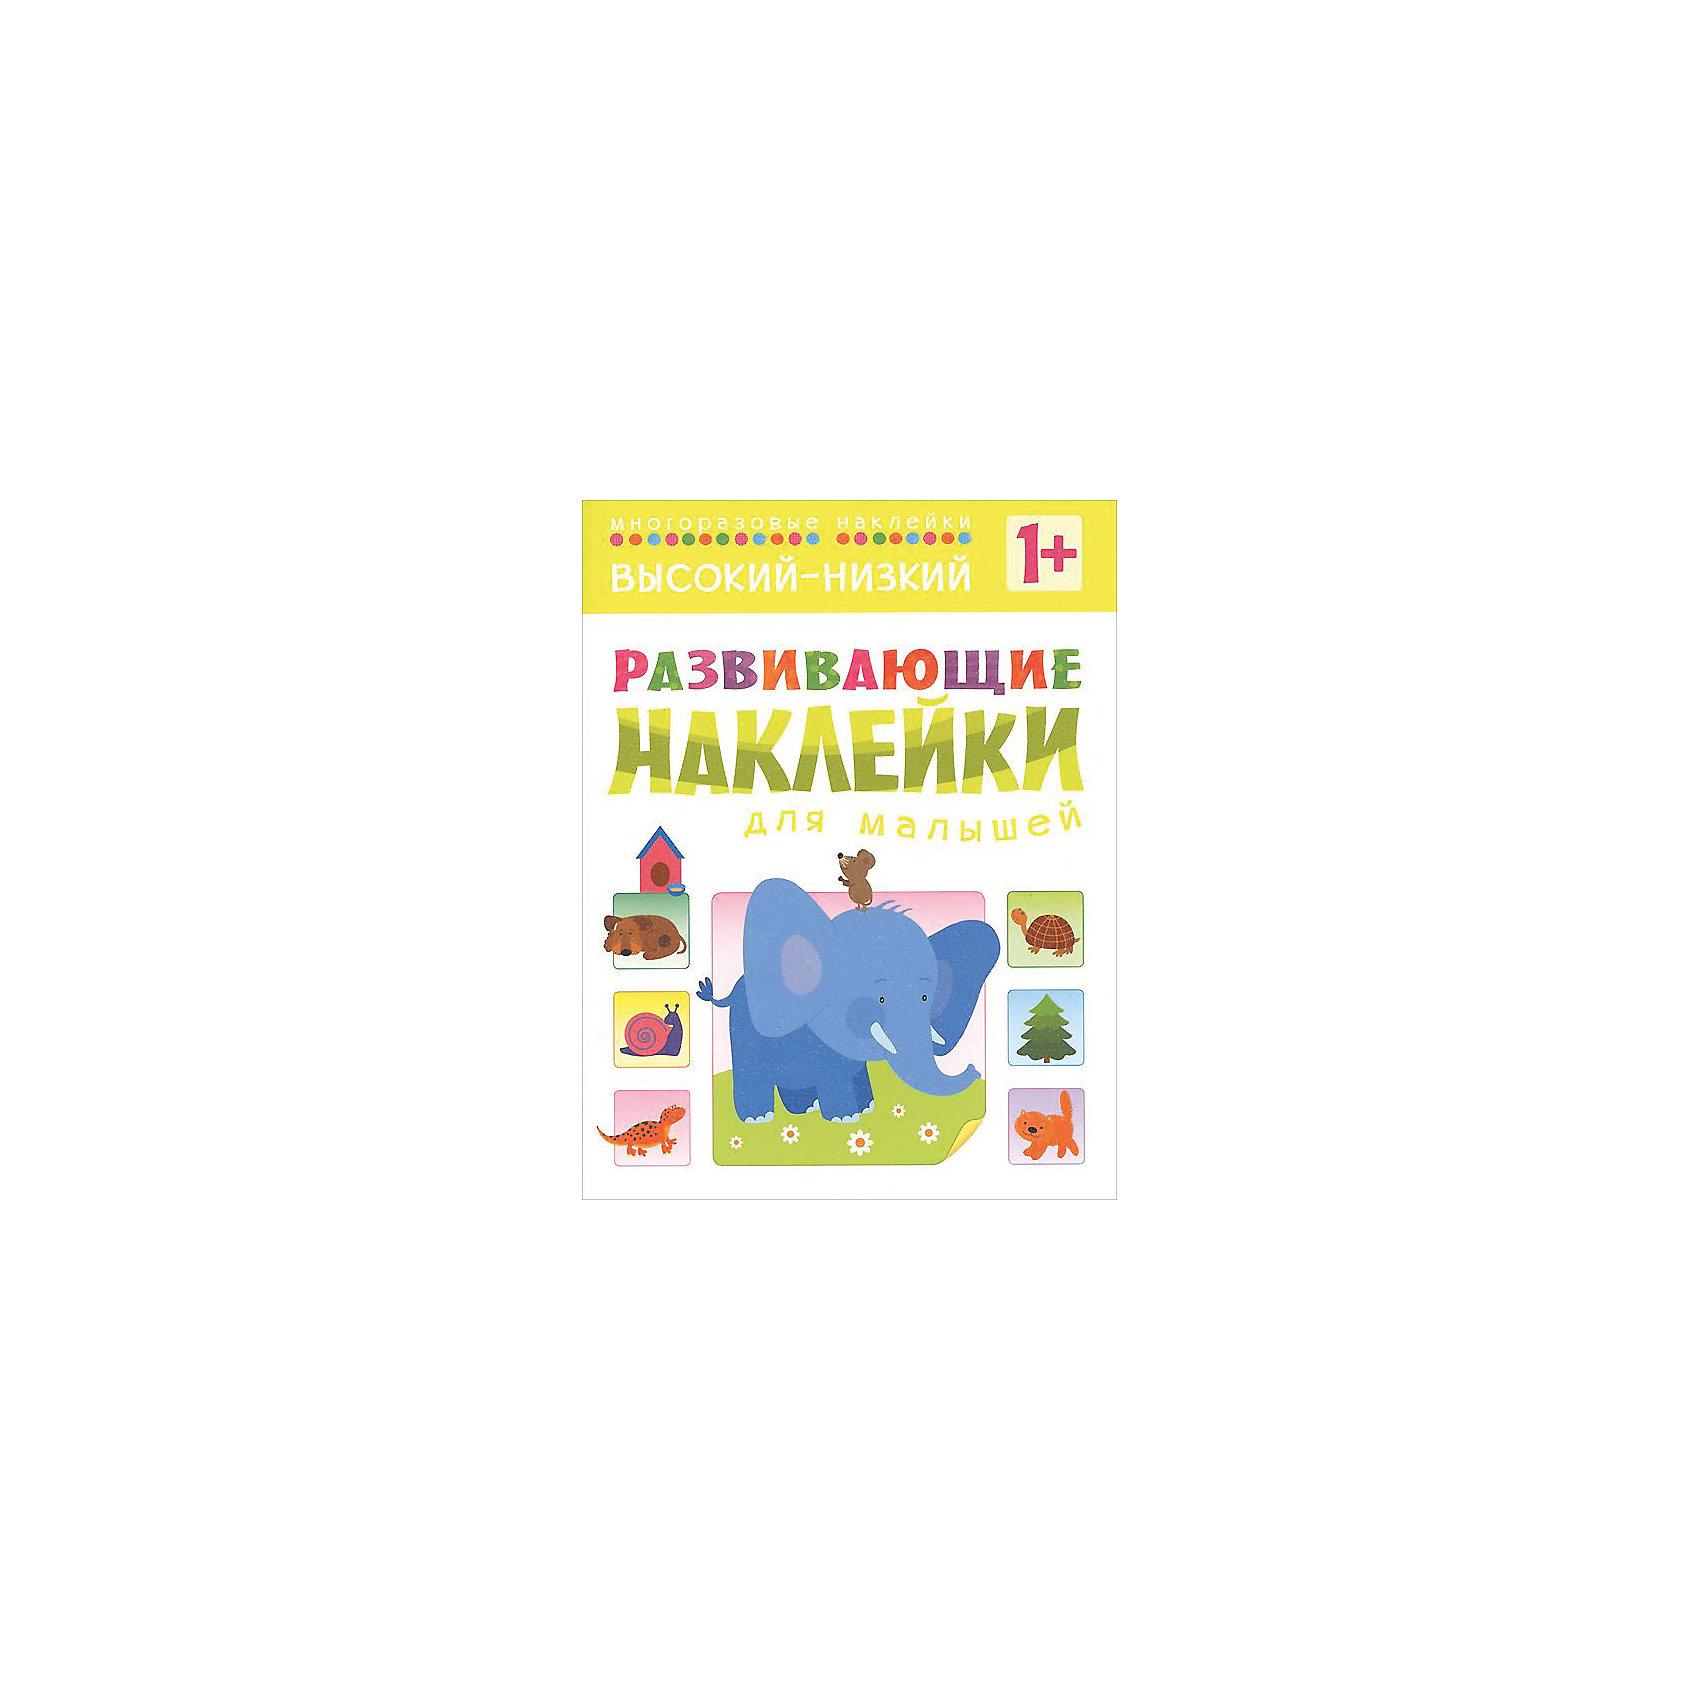 Мозаика-Синтез Книга Развивающие наклейки для малышей. Высокий-низкий обучающая книга мозаика синтез развивающие наклейки для малышей большой маленький мс10354